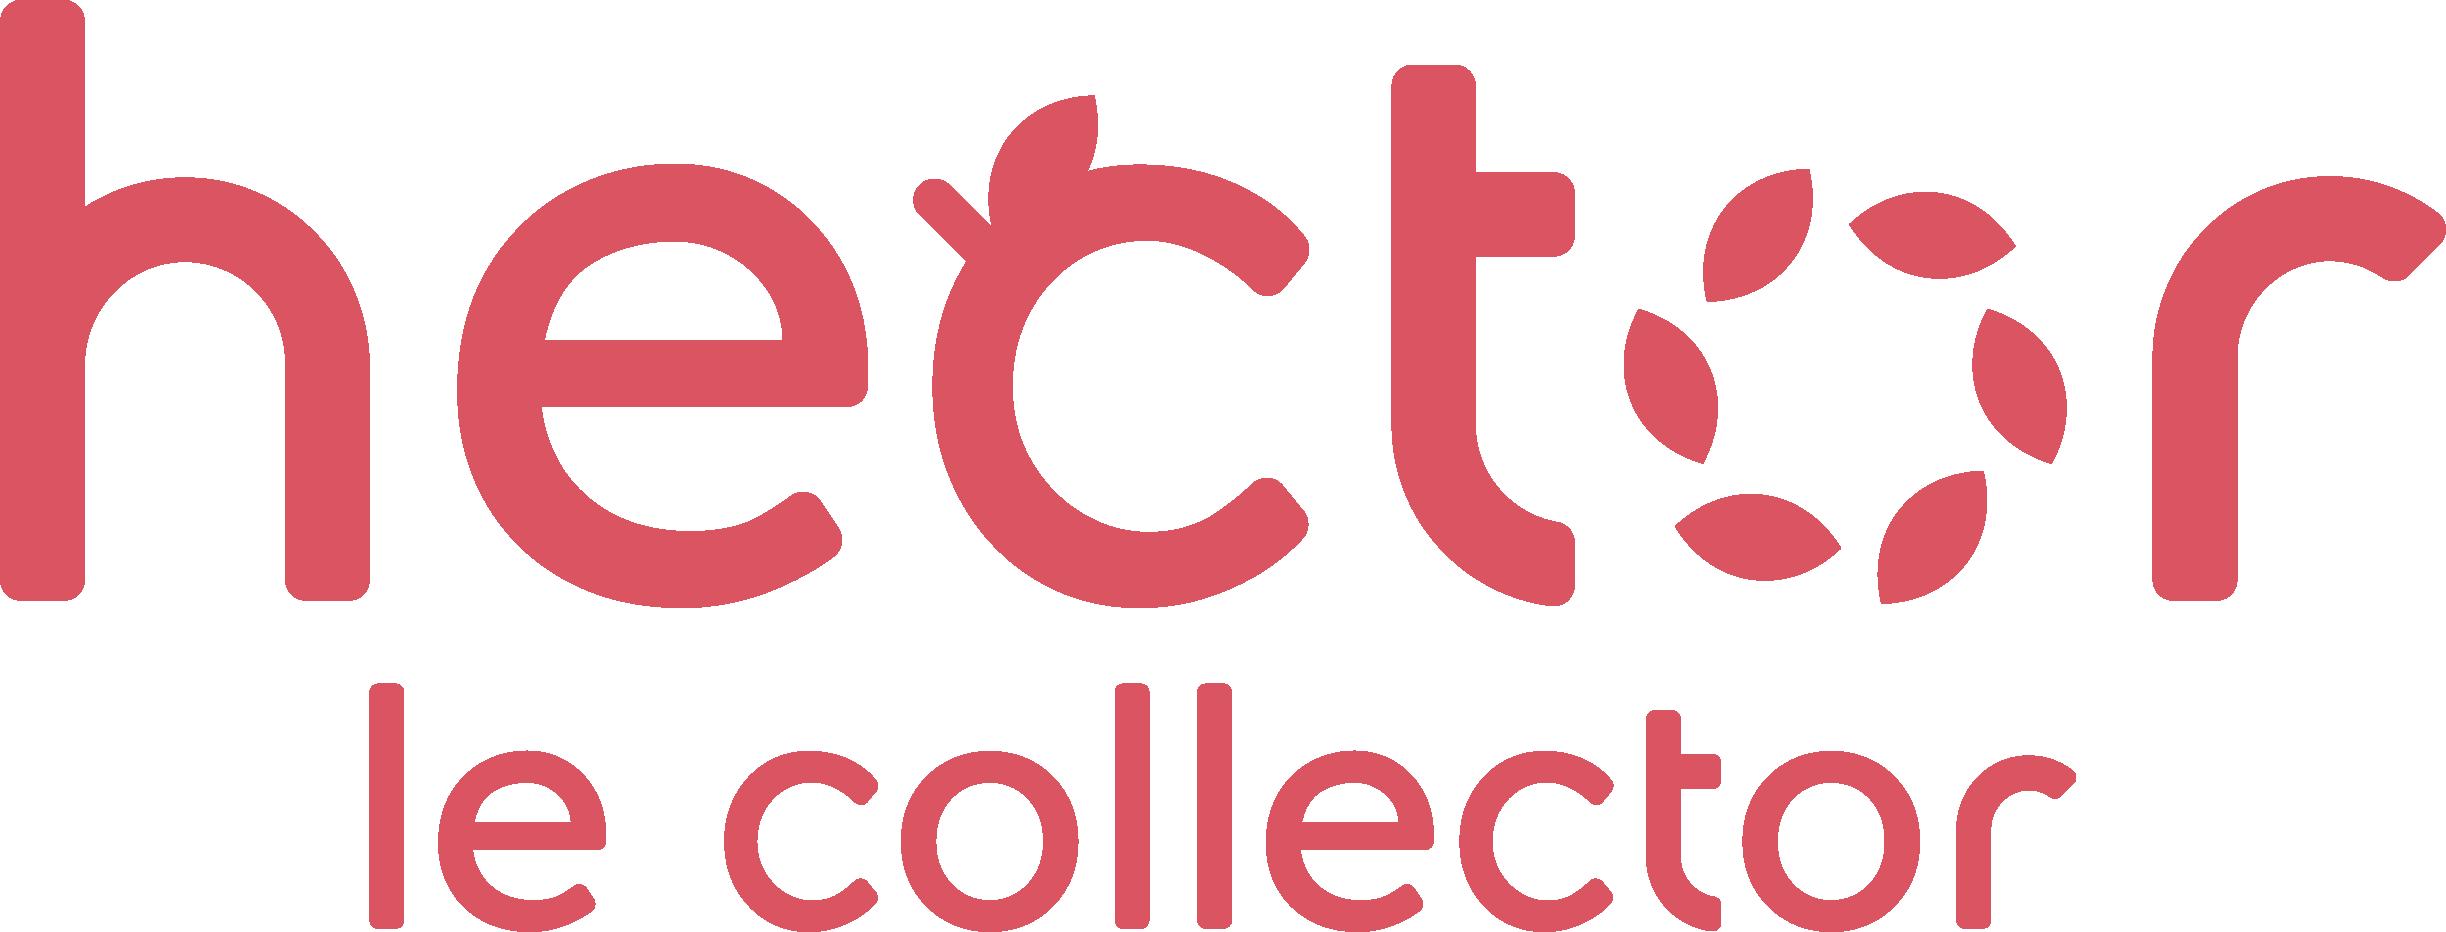 logo hector le collector - collecte de déchets en entreprise